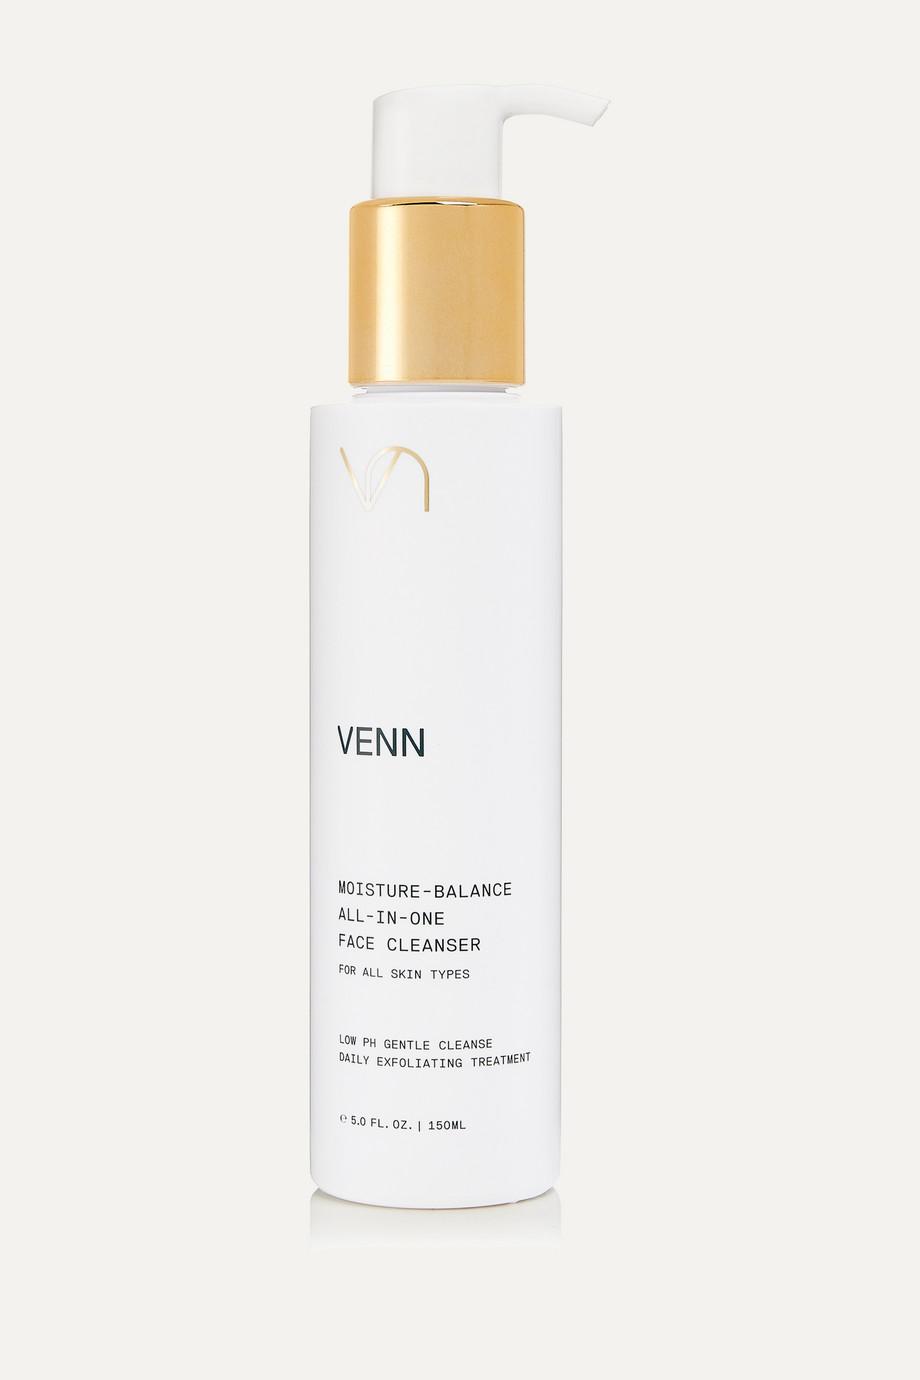 VENN Moisture-Balance All-In-One Face Cleanser, 150ml